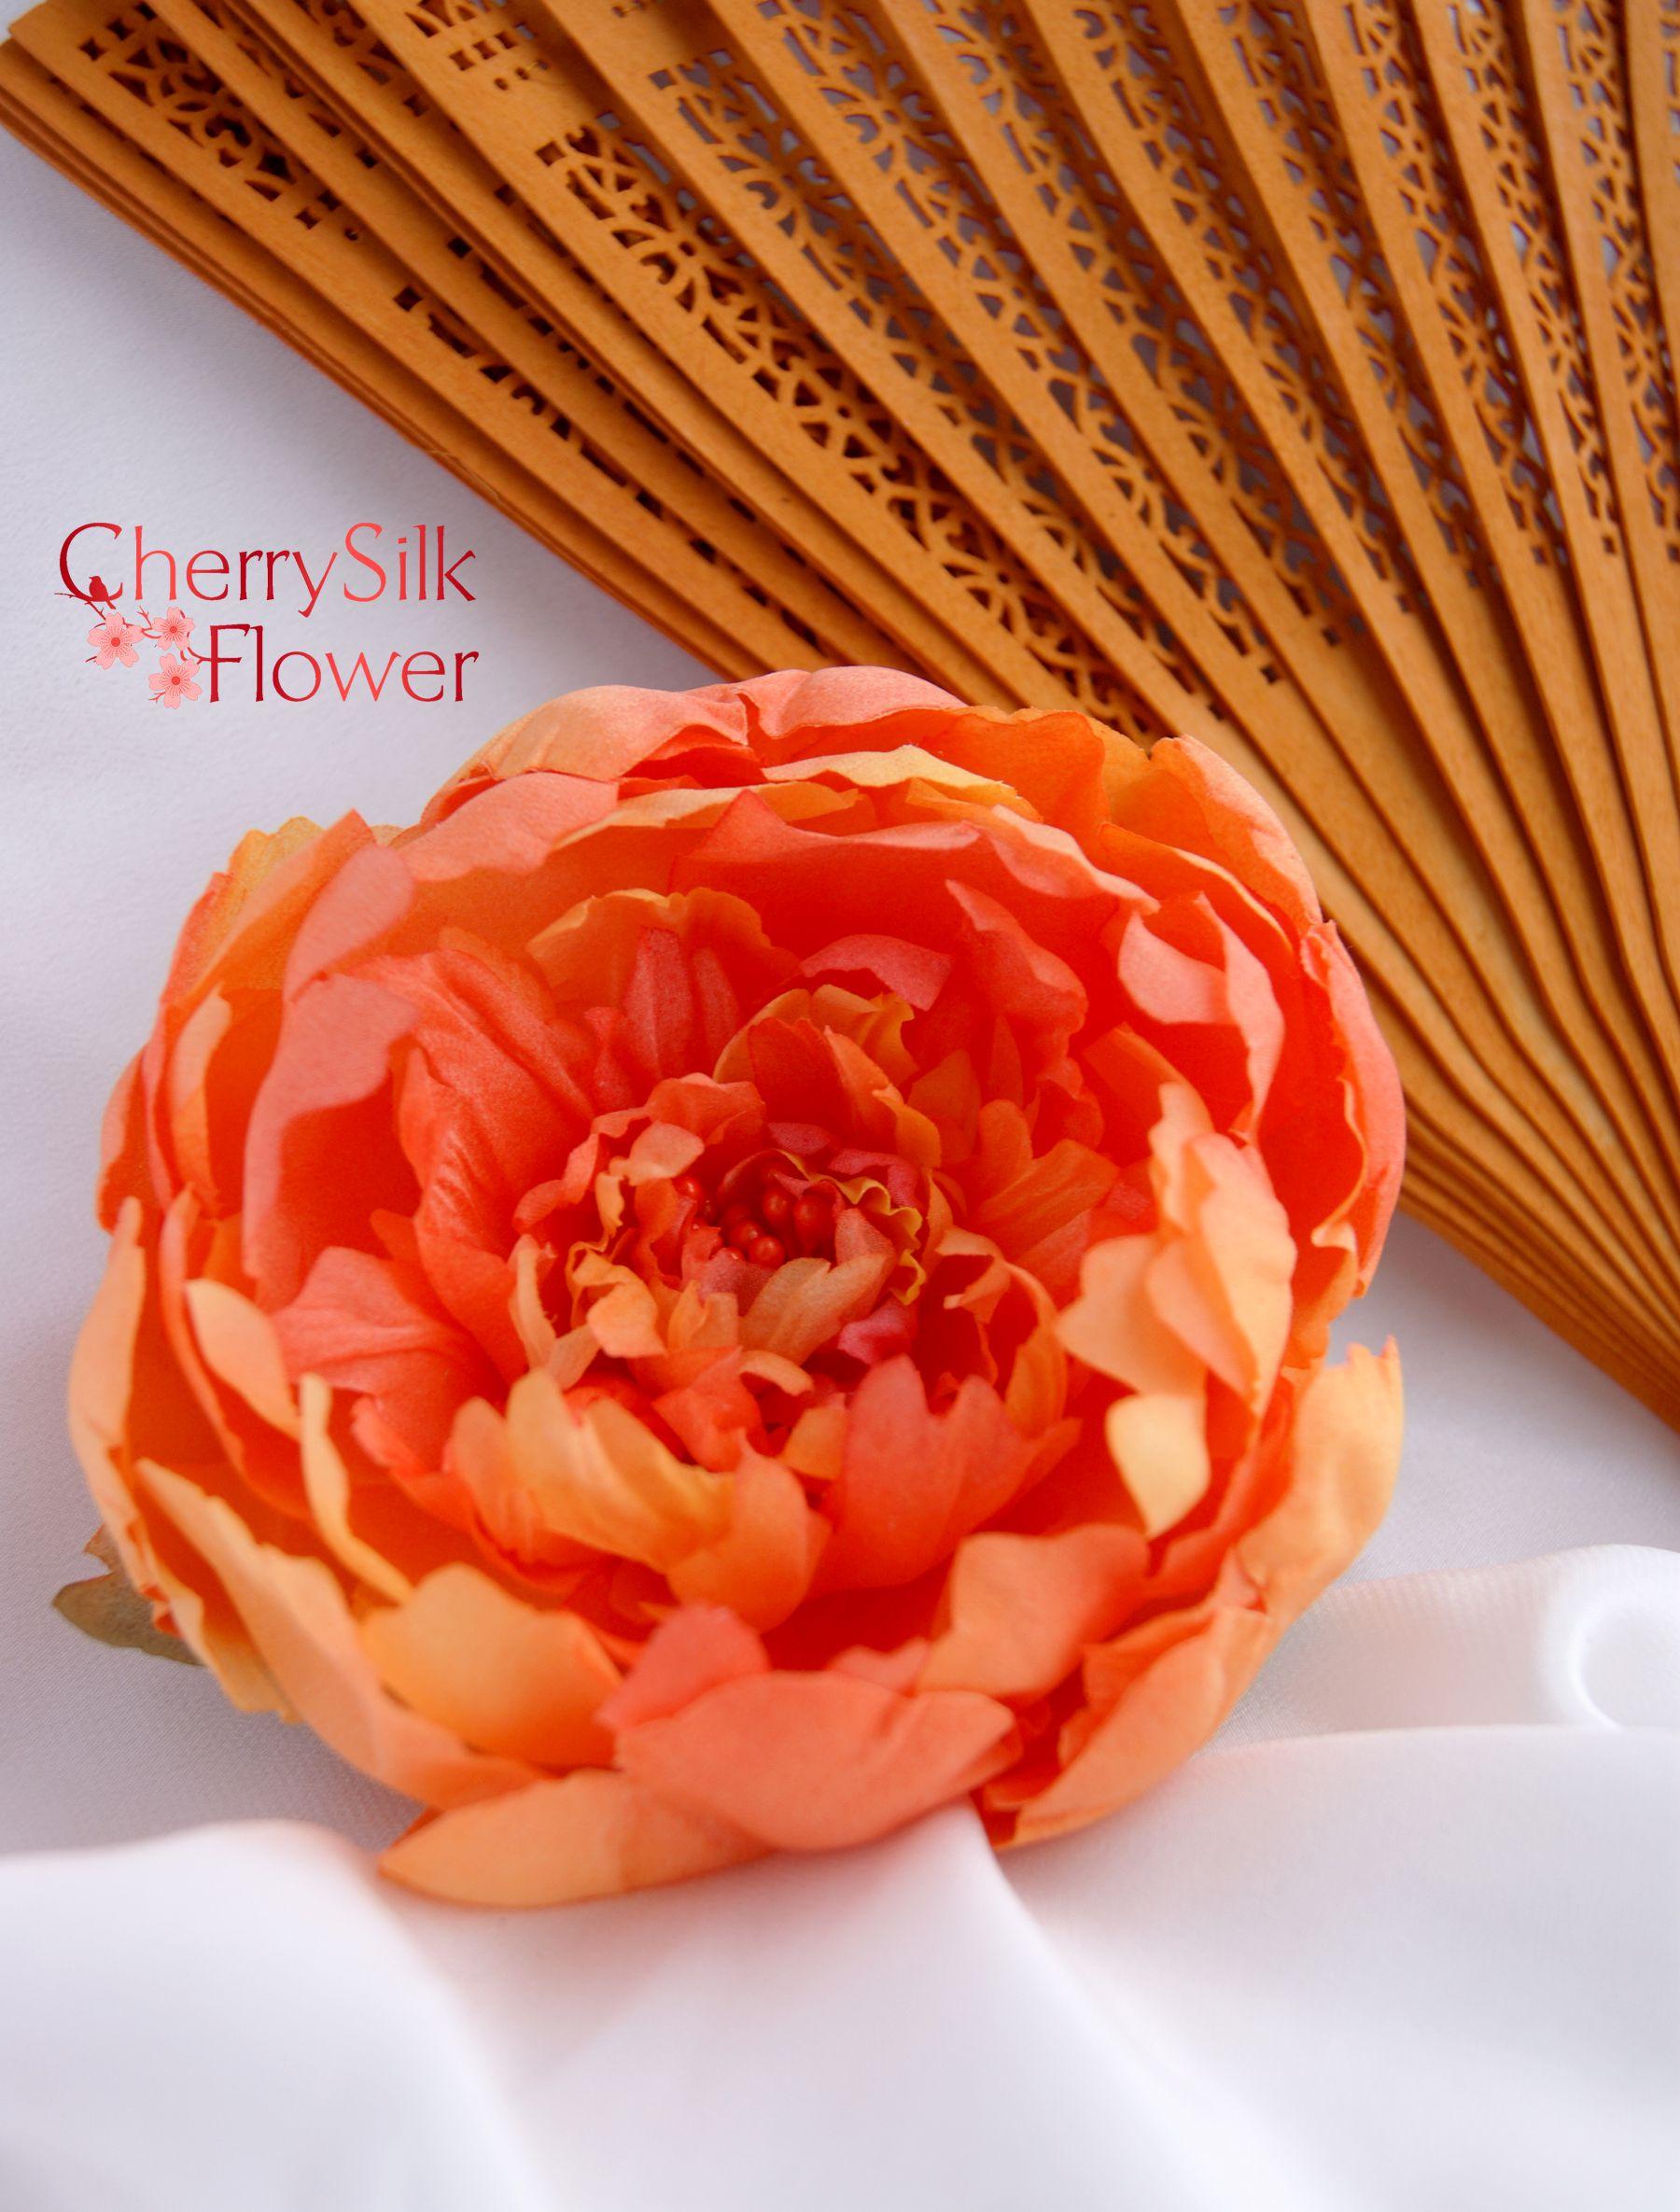 аксессуарыизшелка цветыизткани цветыизшелка пион украшенияручнойработы цветы